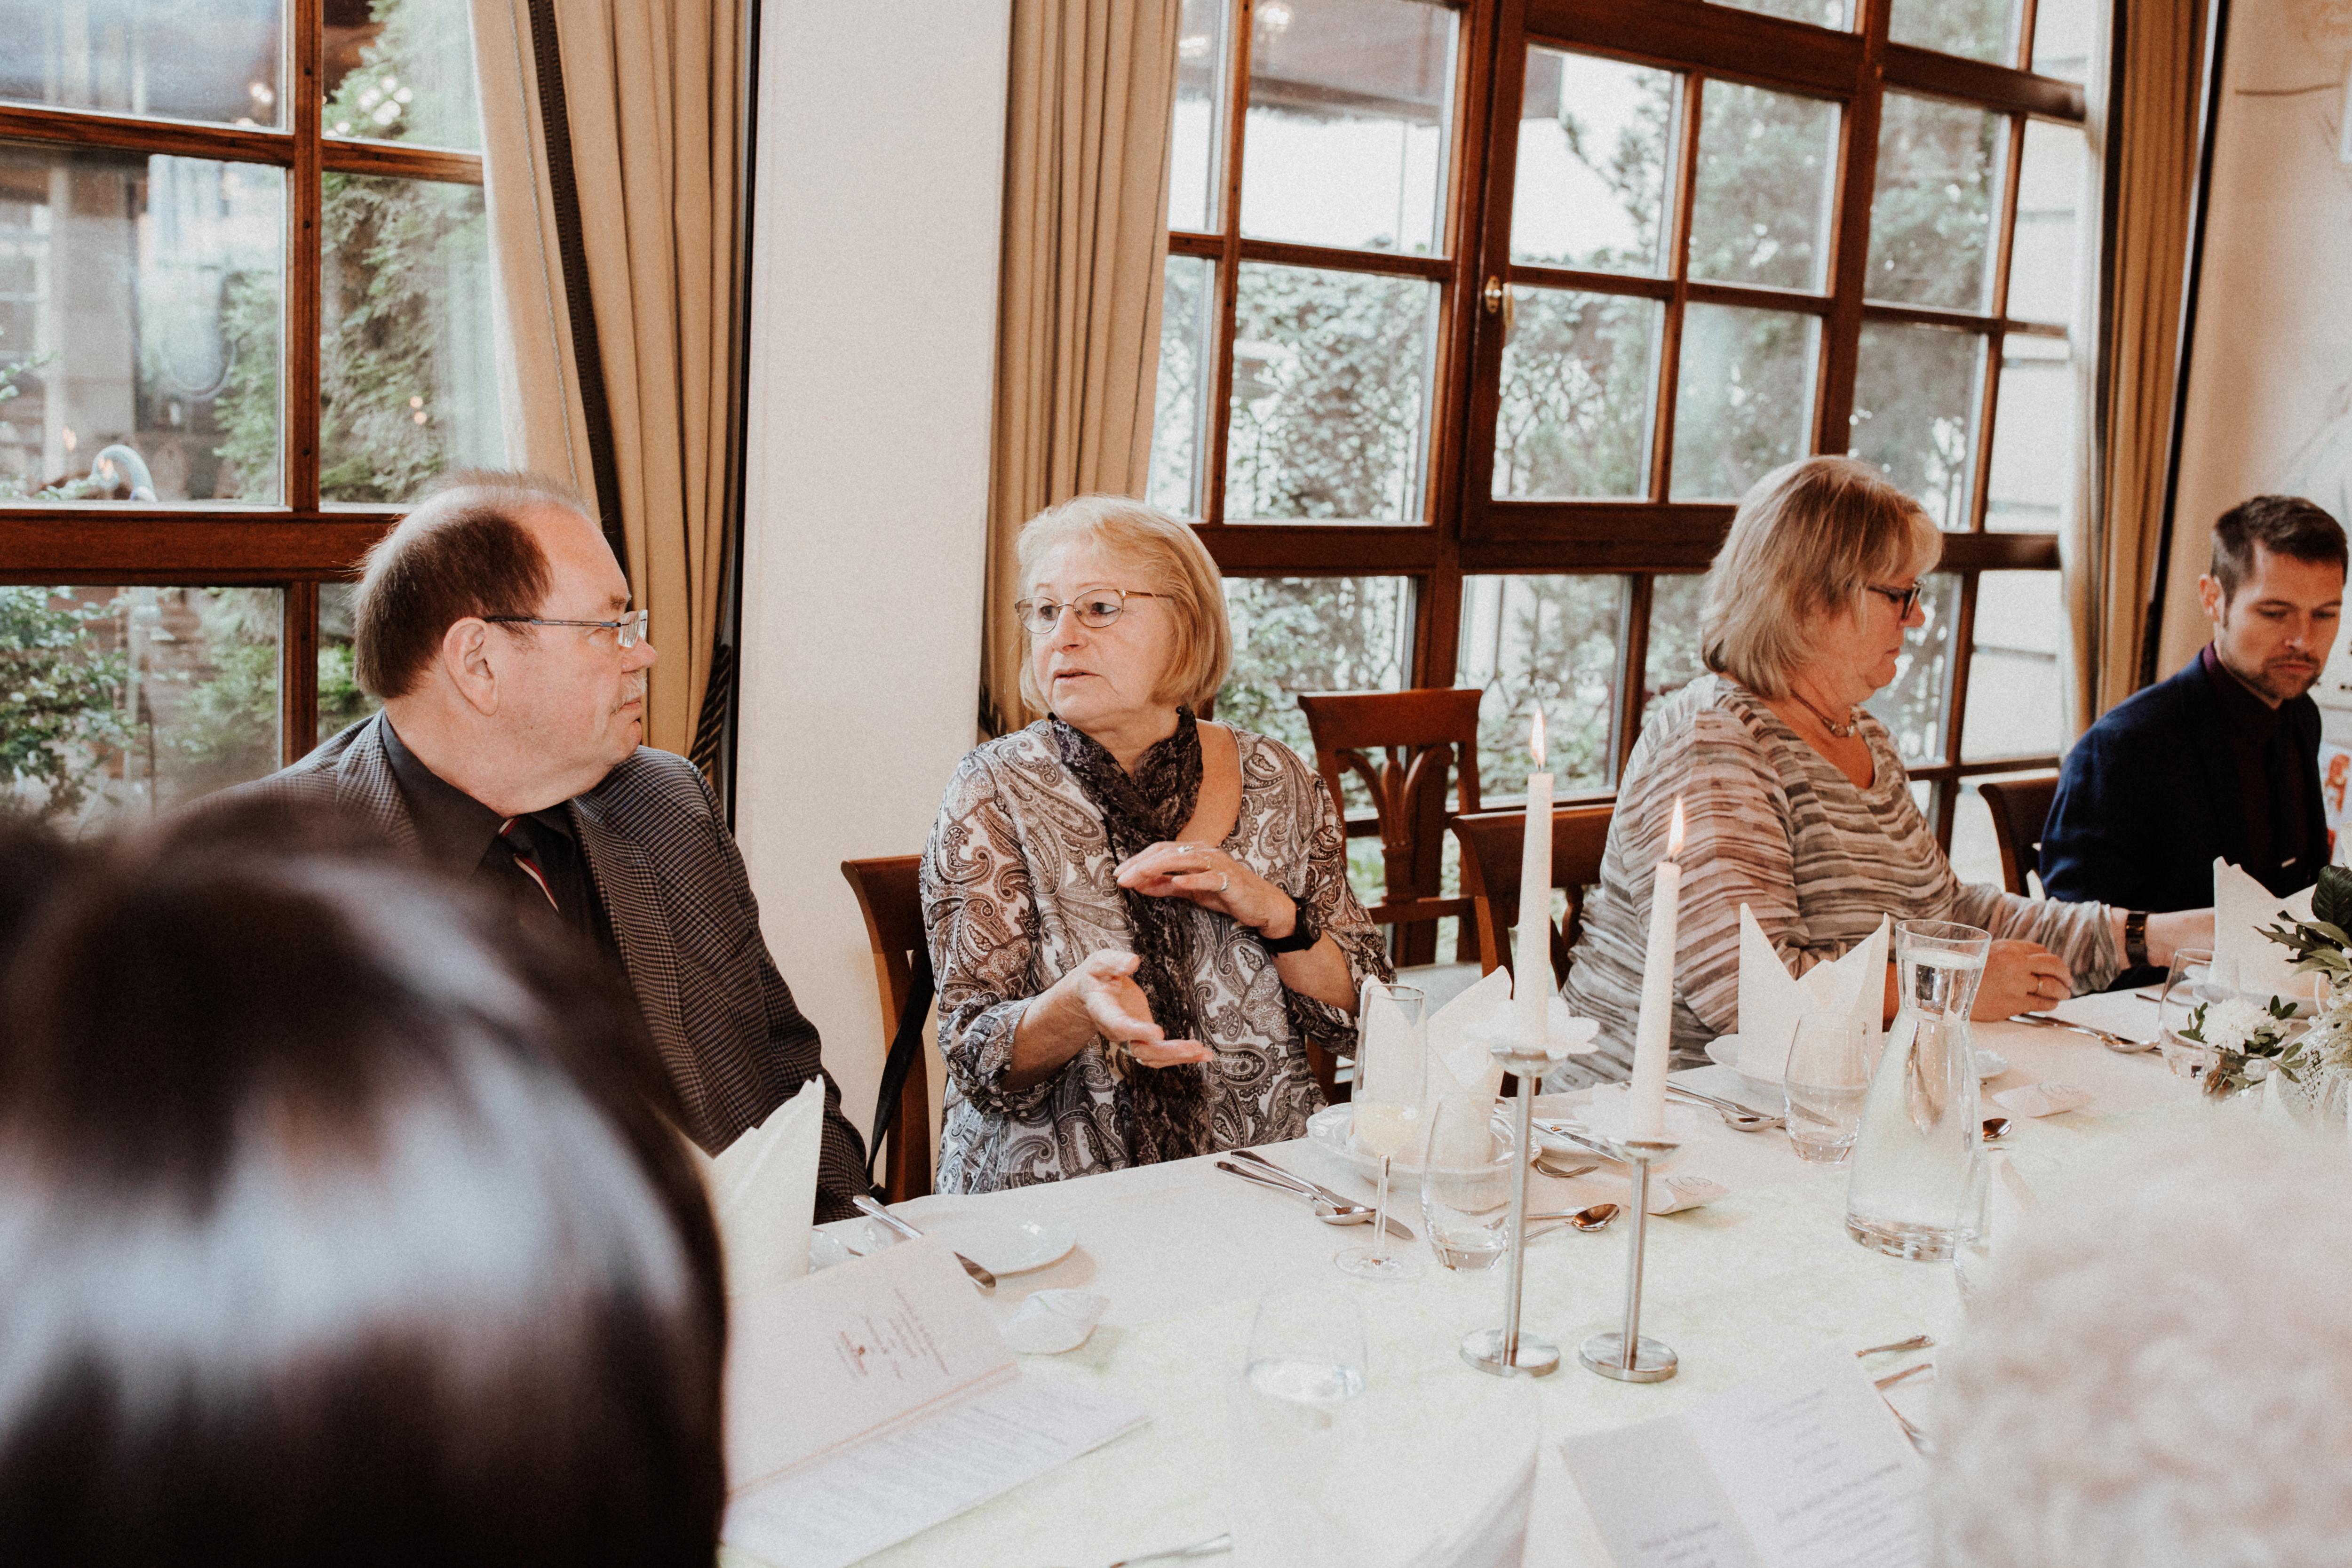 URBANERIE_Daniela_Goth_Hochzeitsfotografin_Nürnberg_Fürth_Erlangen_Schwabach_171007_0952